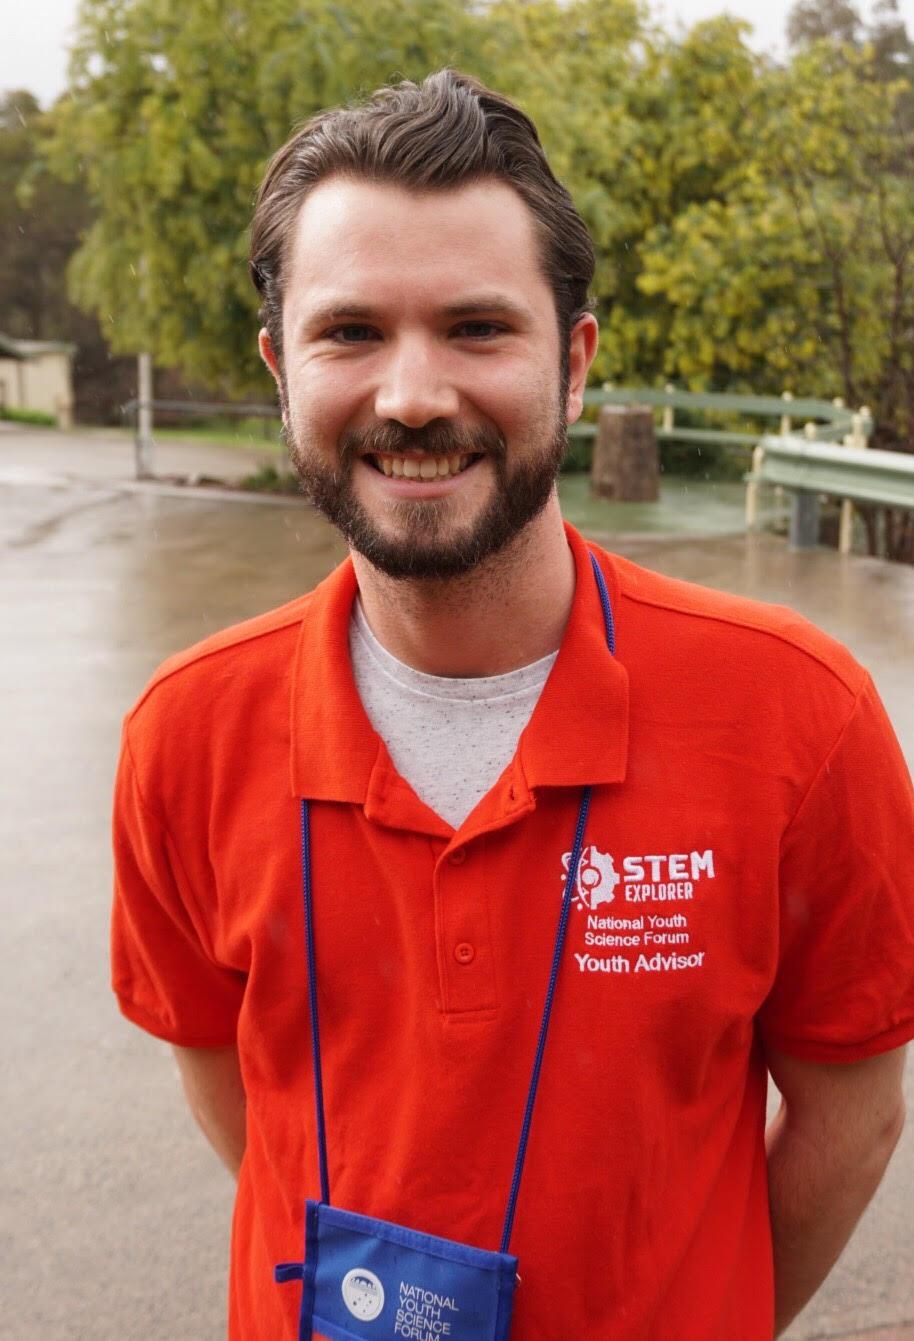 NYSF STEM Explorer Youth Advisor Damian